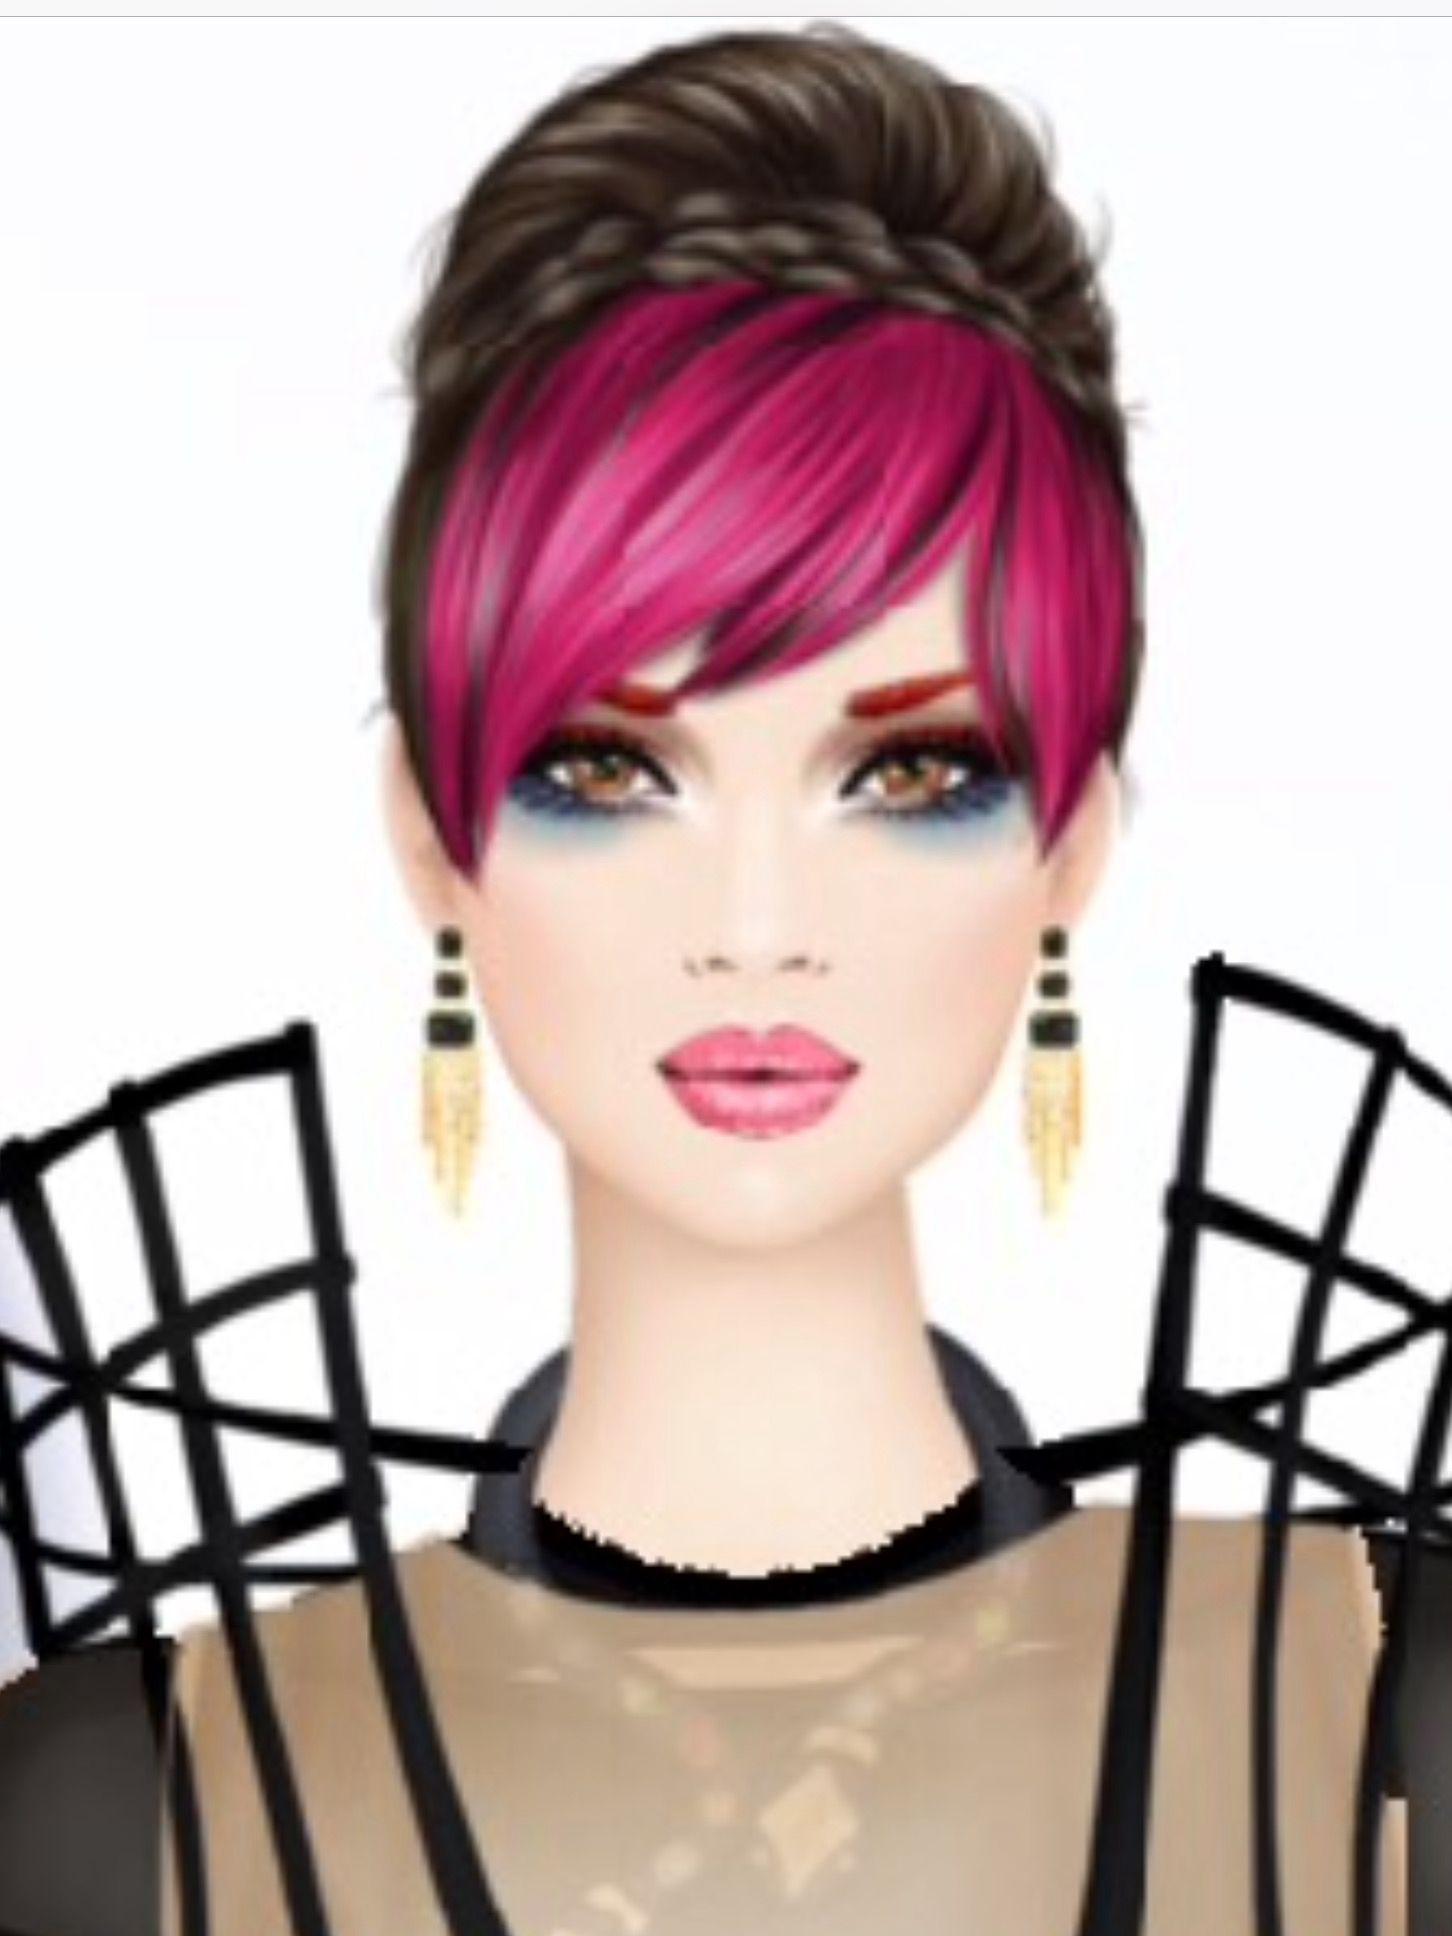 Skin Tone Light Olive Makeup Scarlet Letter